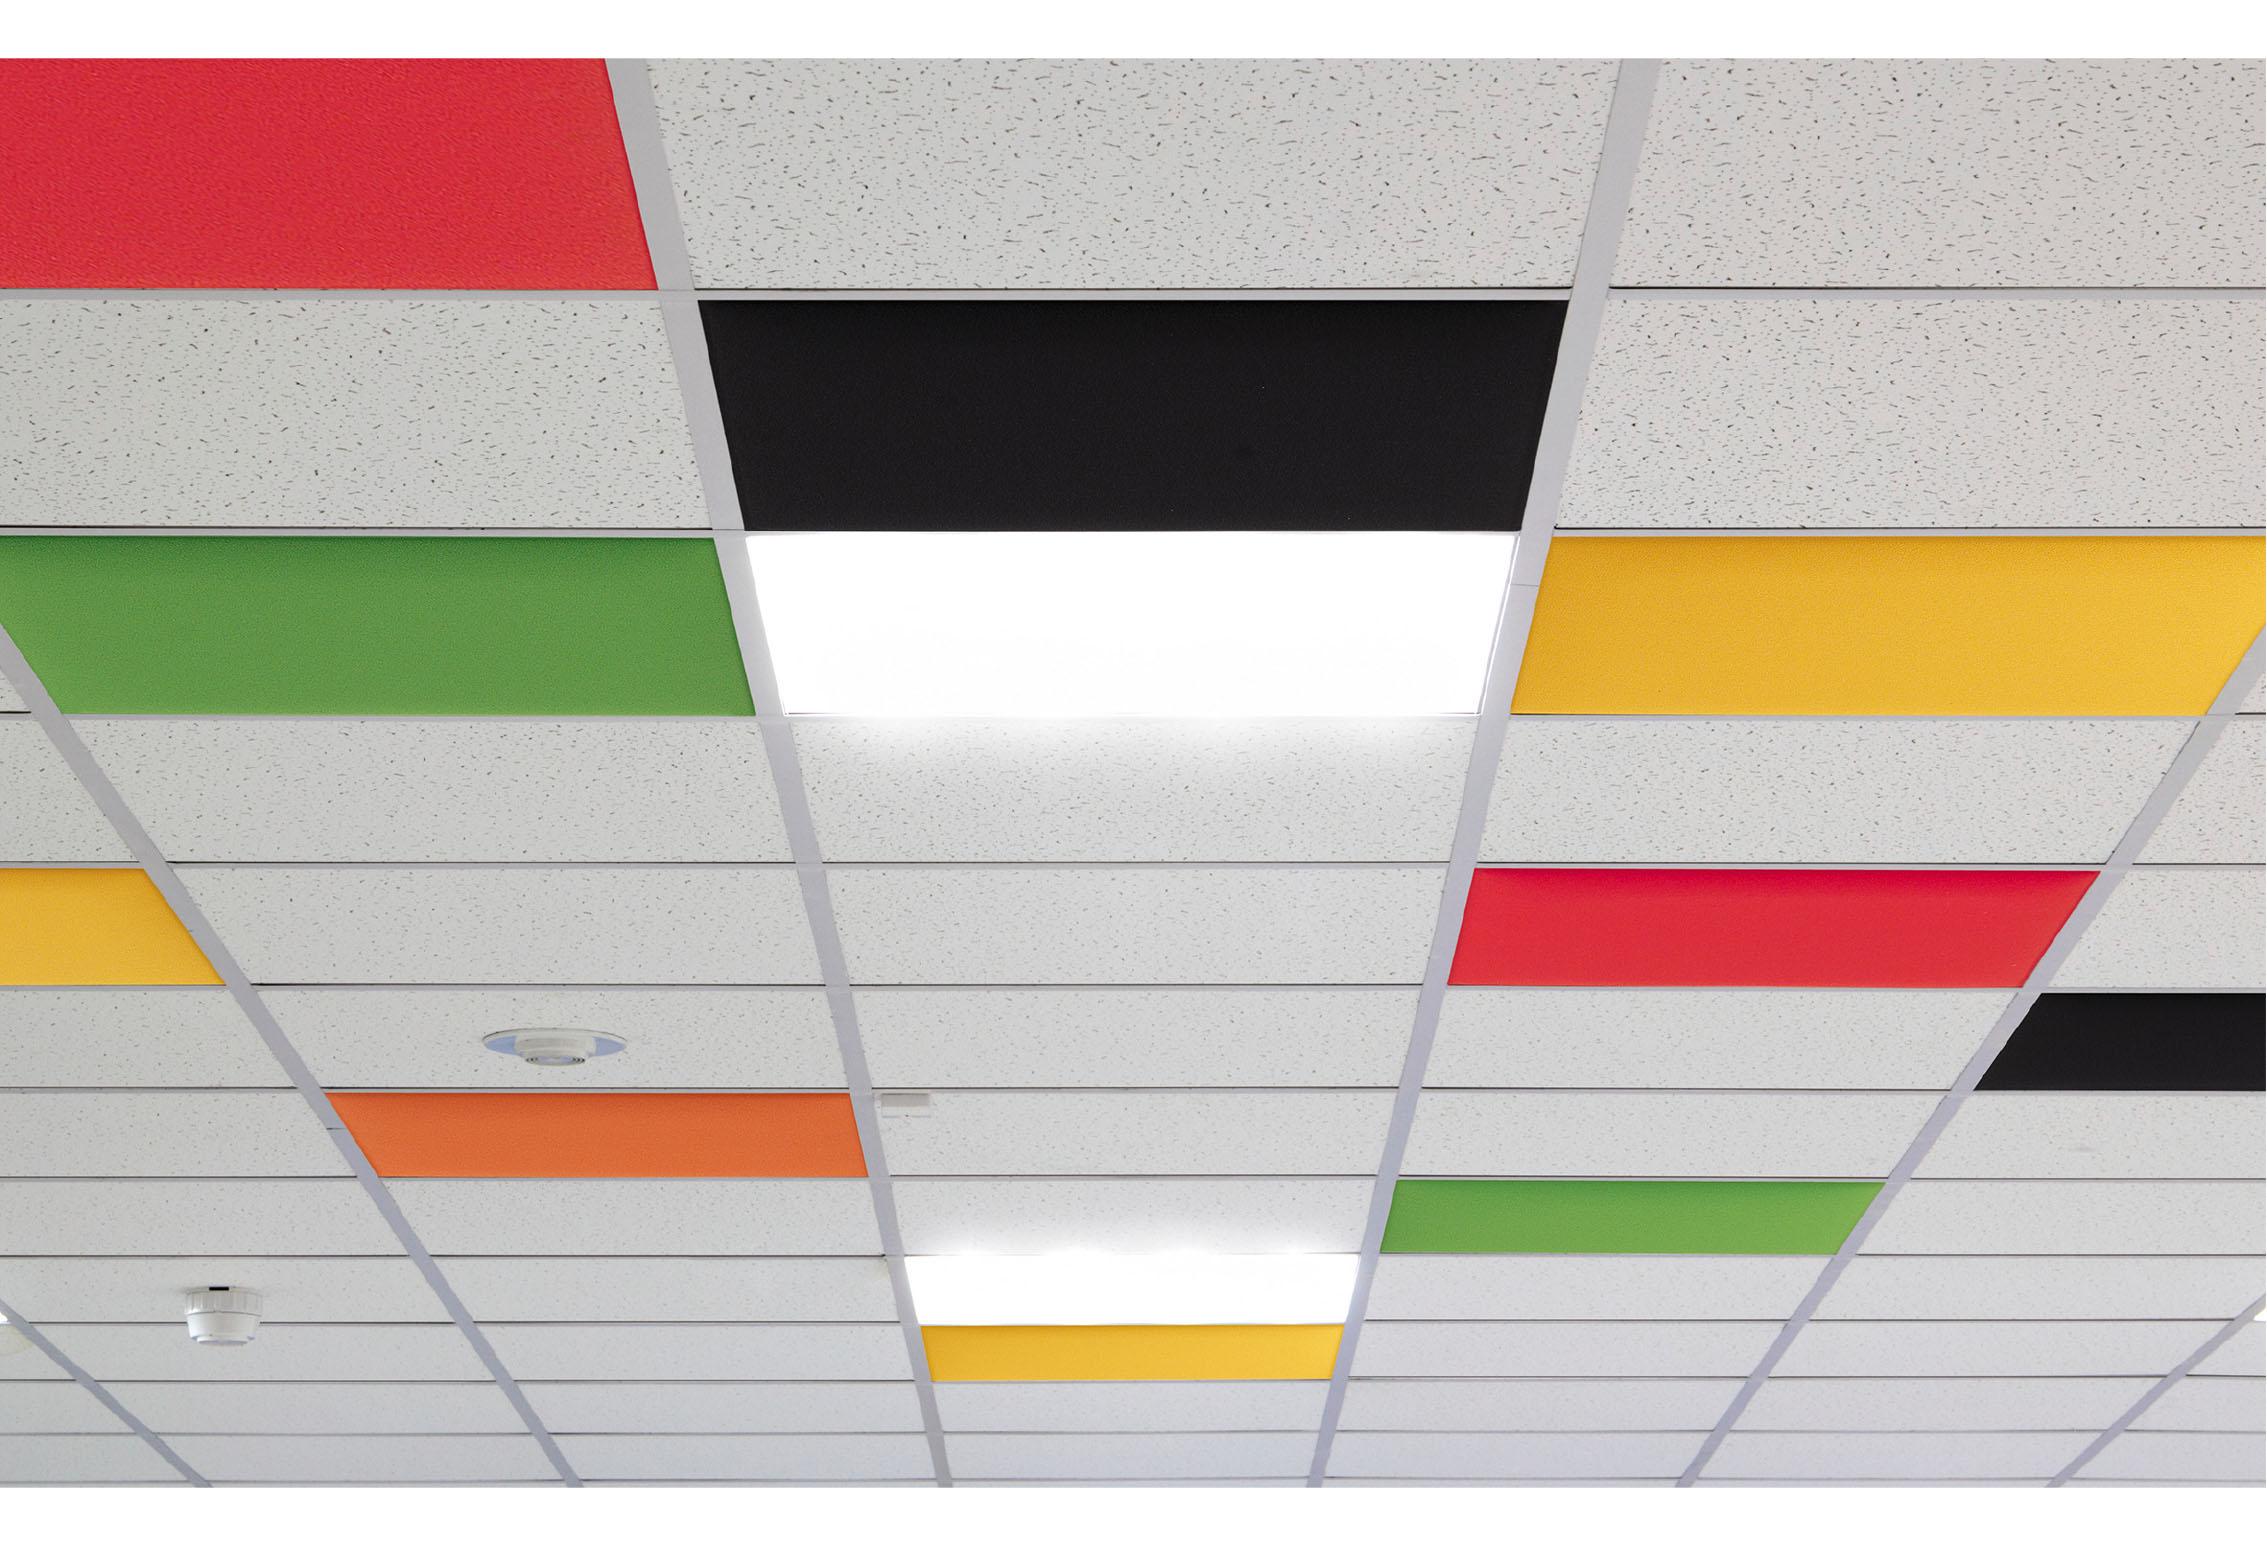 Caimi In - Gamme de panneaux acoustiques plafond - en remplacement de dalles de plafond 59 x 59 x cm ou 59 x 119 cm